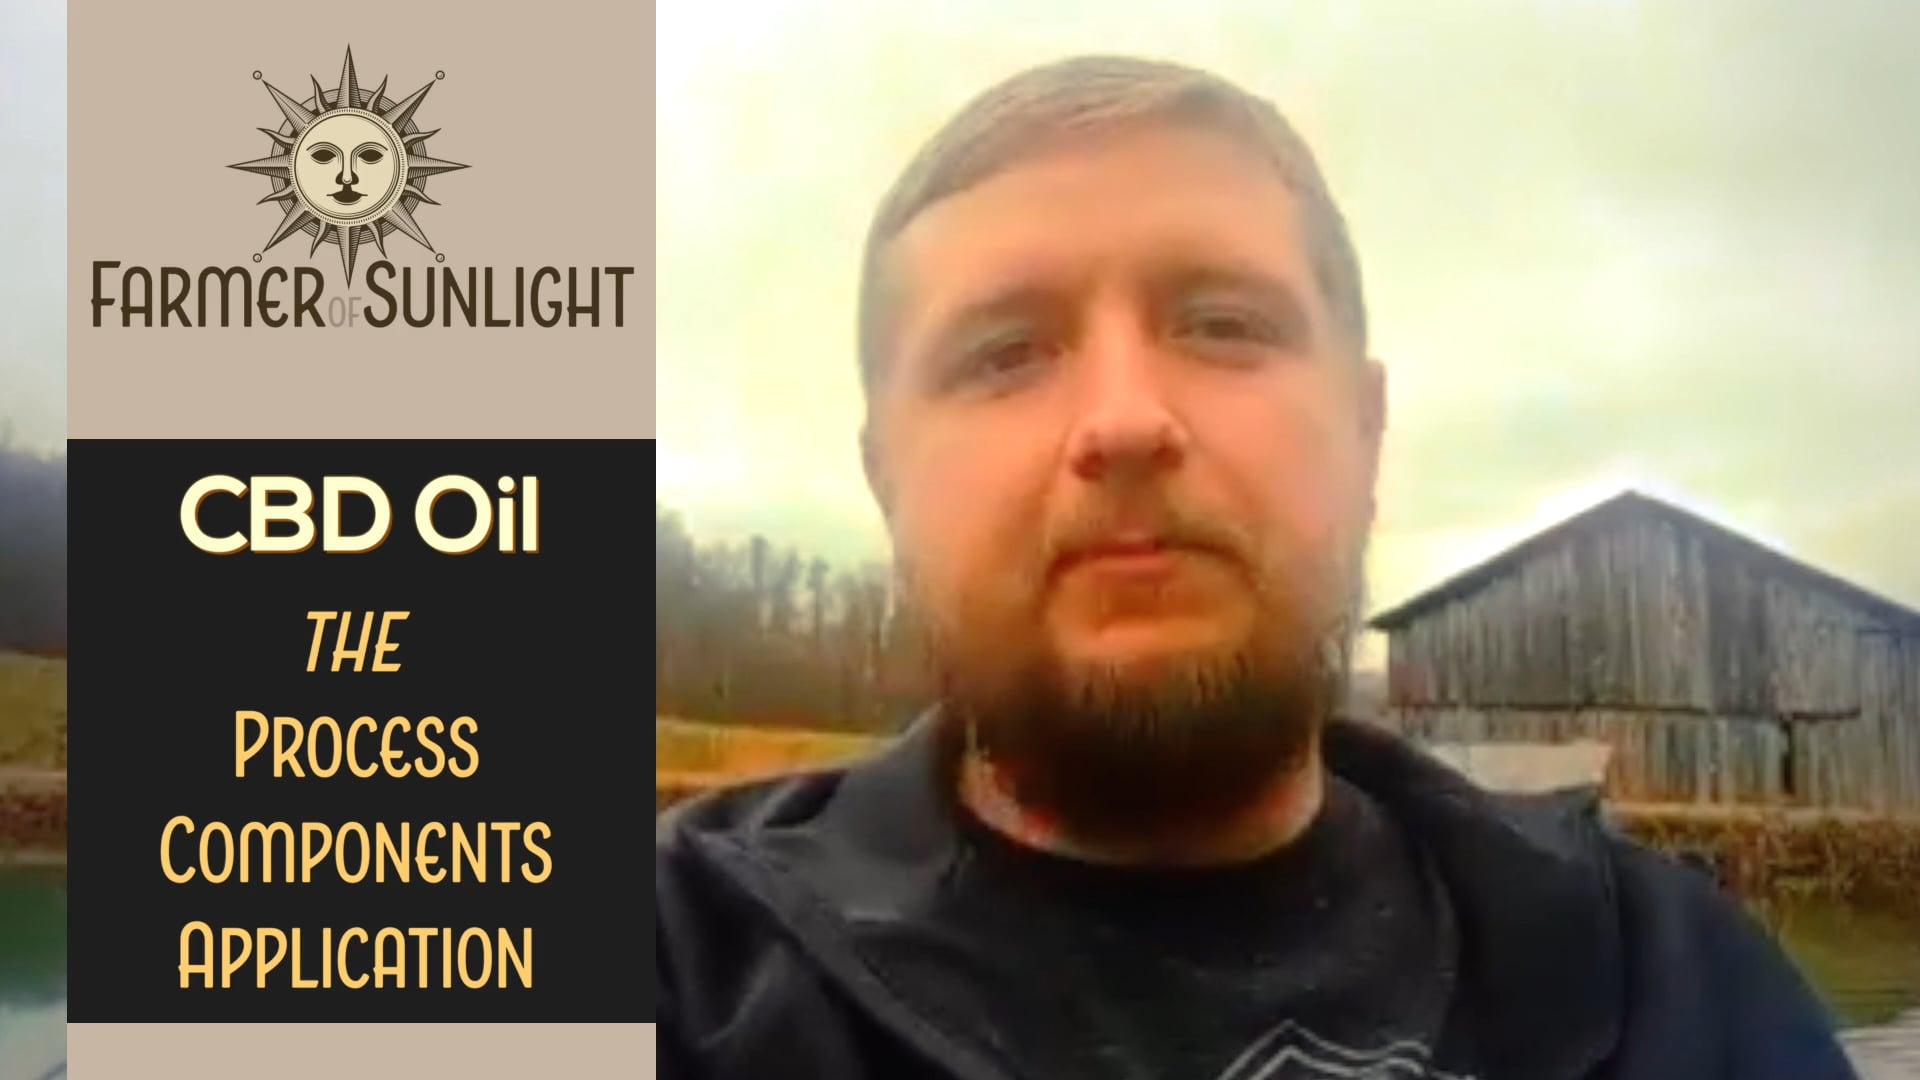 'Farmer of Sunlight' - What is CBD Oil?